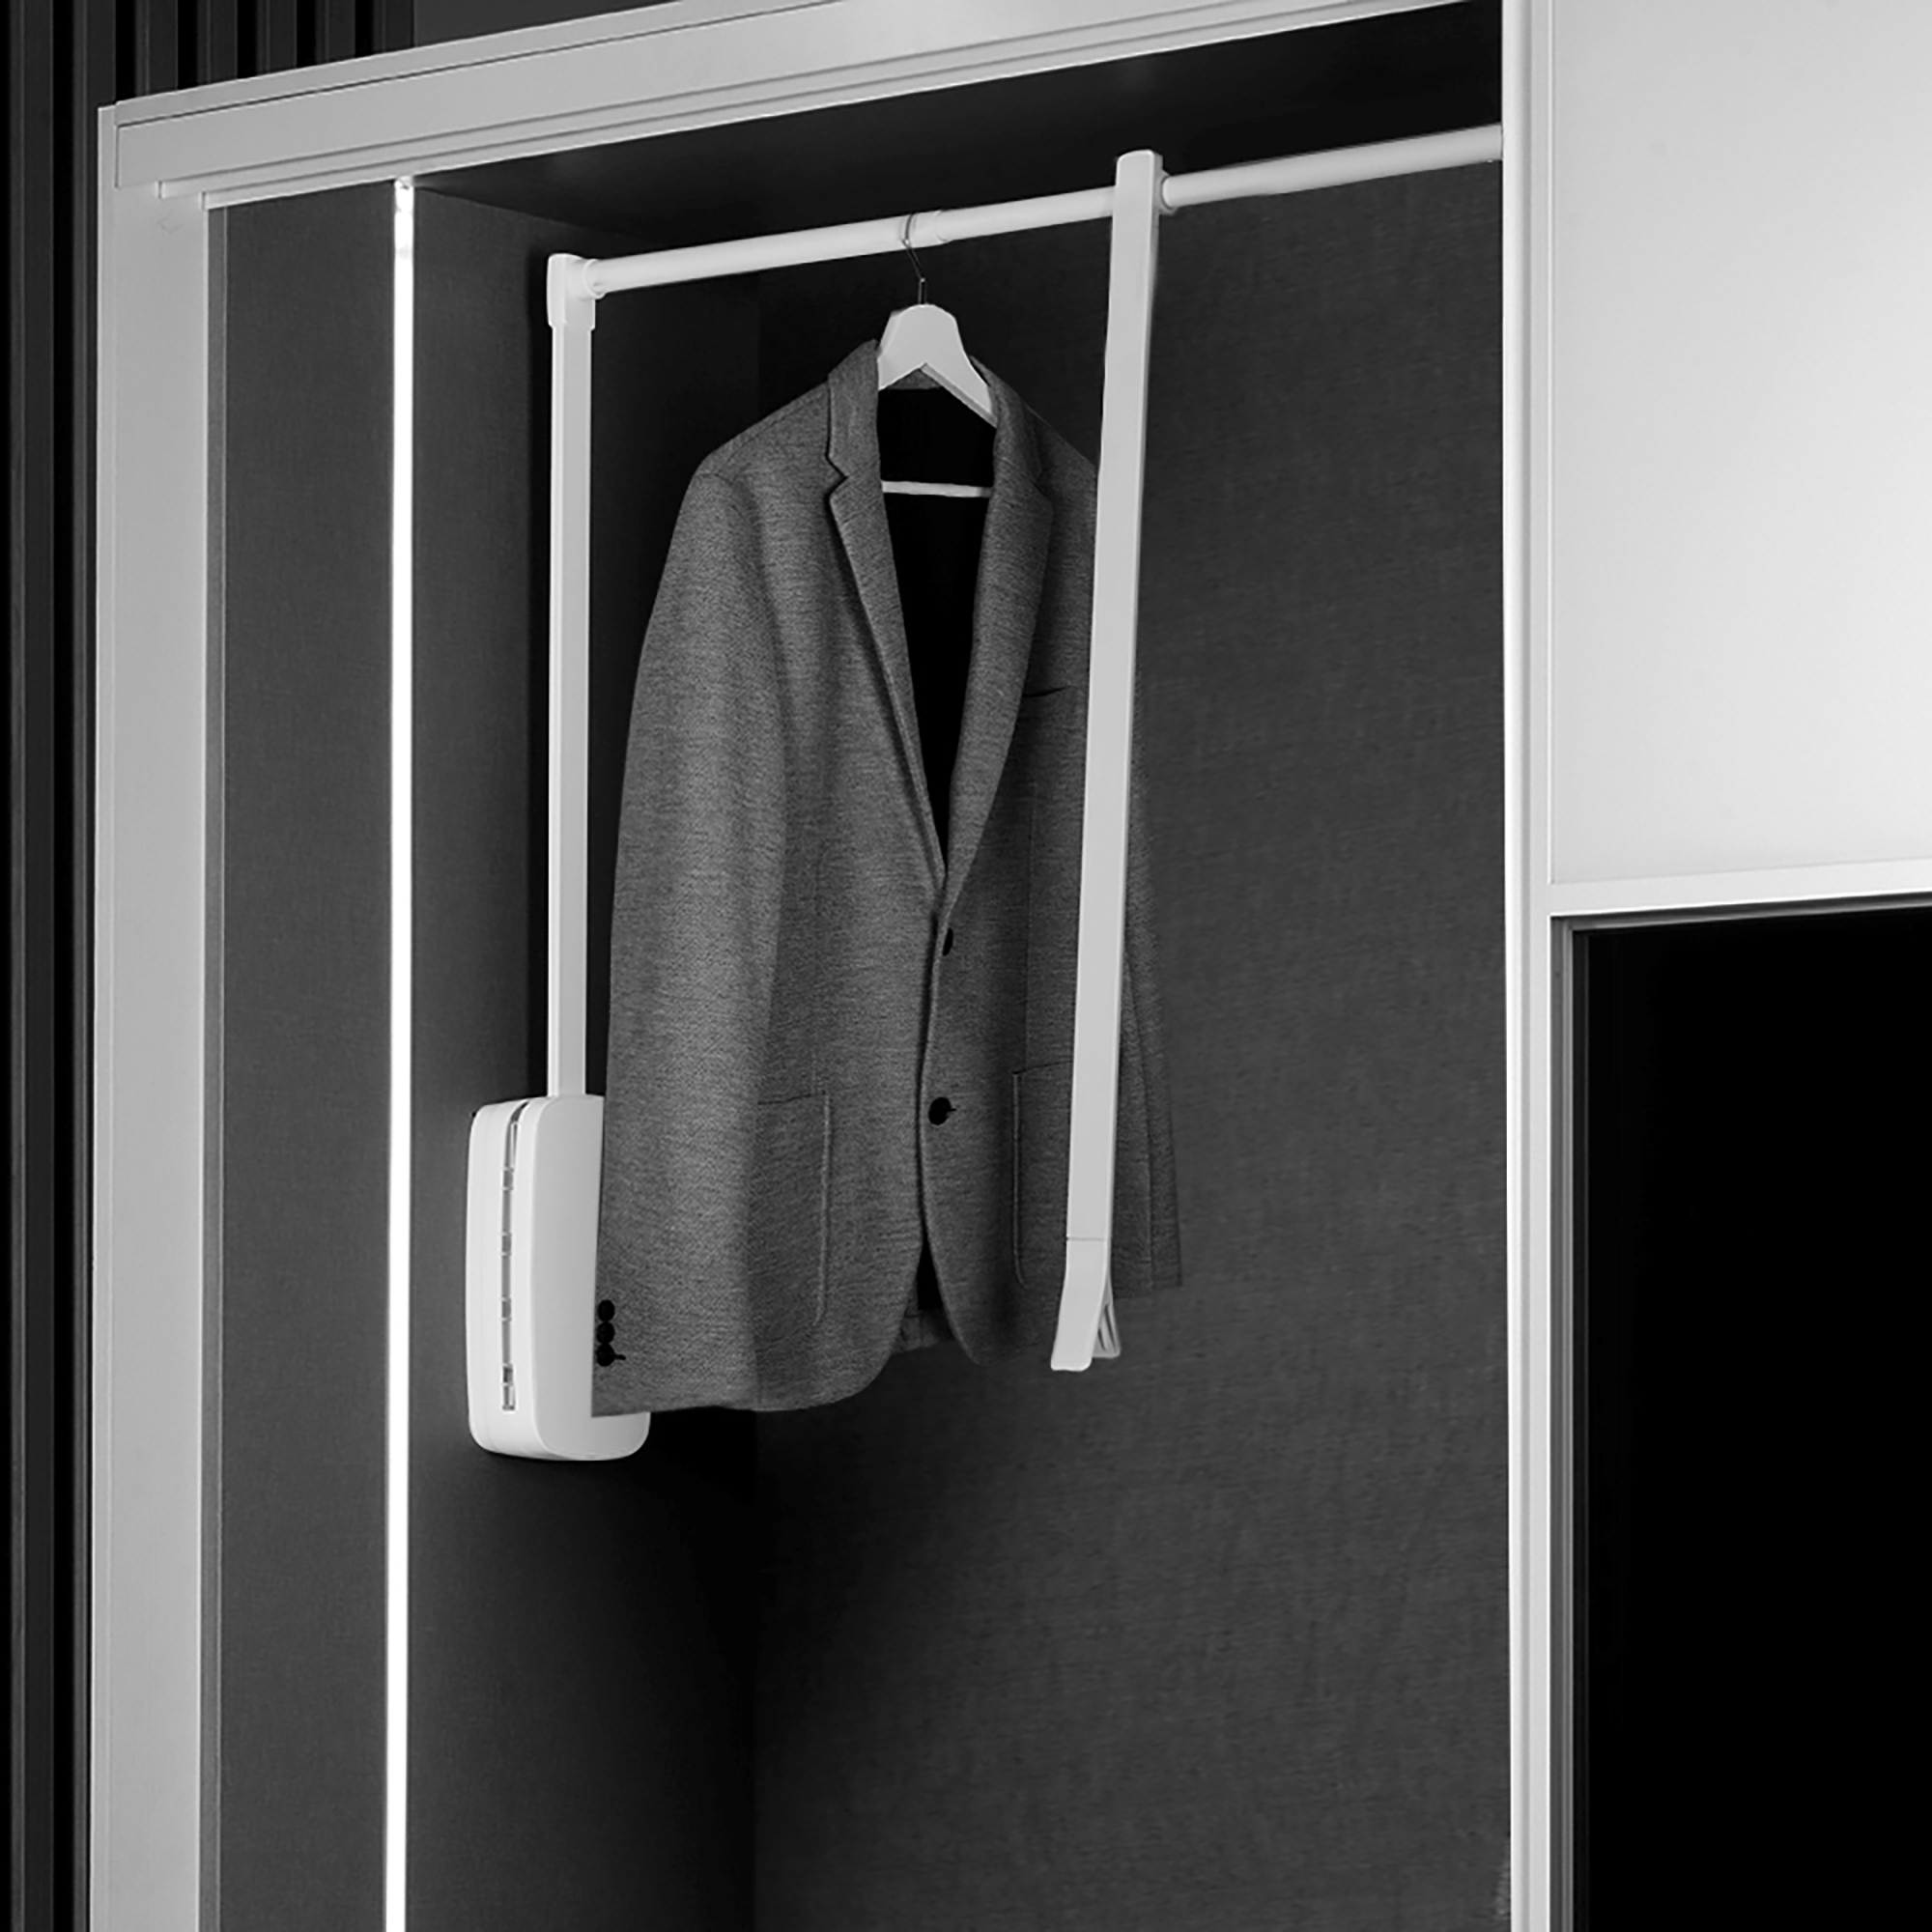 Emuca Appendiabiti per armadio, regolabile 830-1.150 mm, fino a 12Kg, Acciaio, Bianco